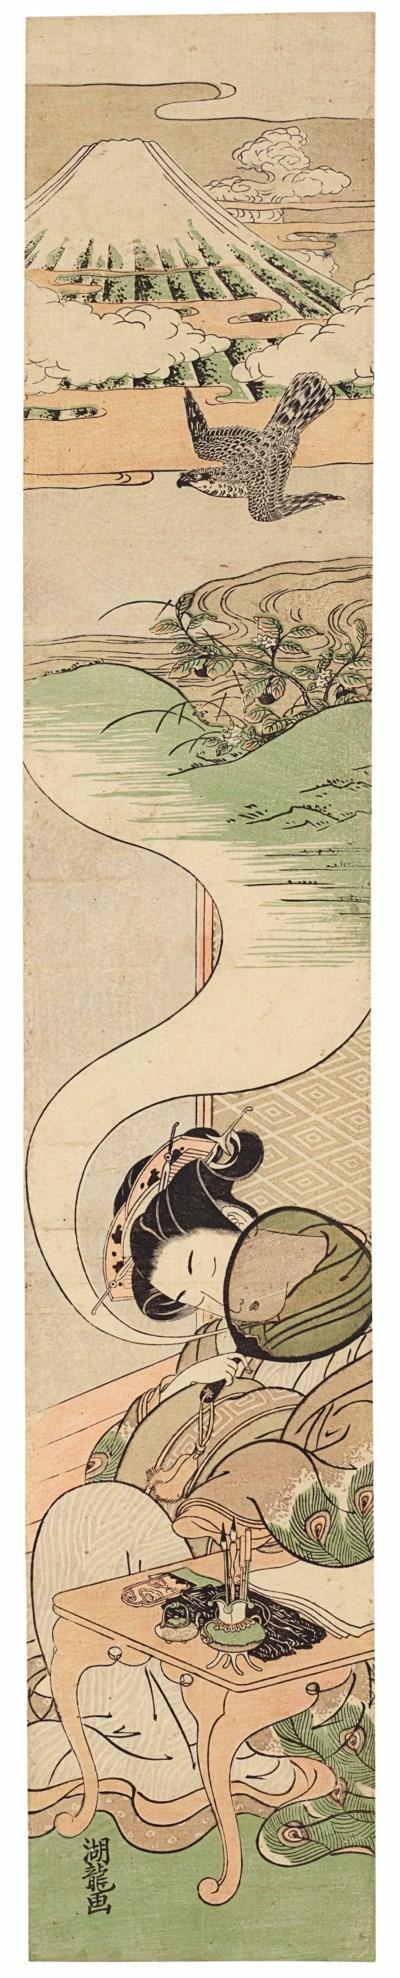 ISODA KORYUSAI (1735-1790)